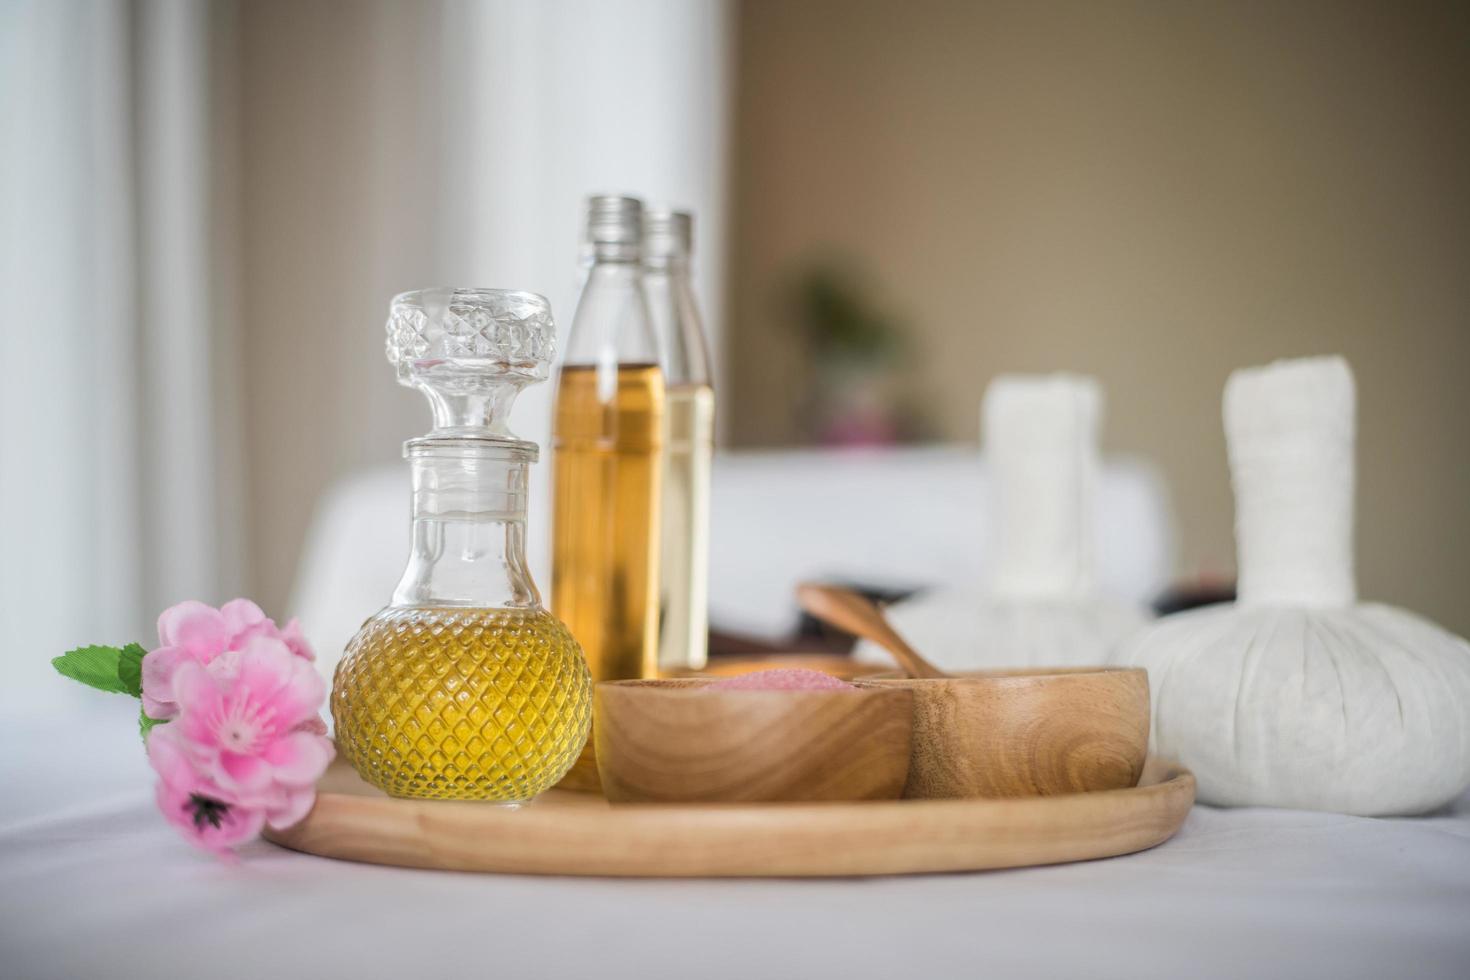 botella de aceite esencial y tratamientos de spa foto